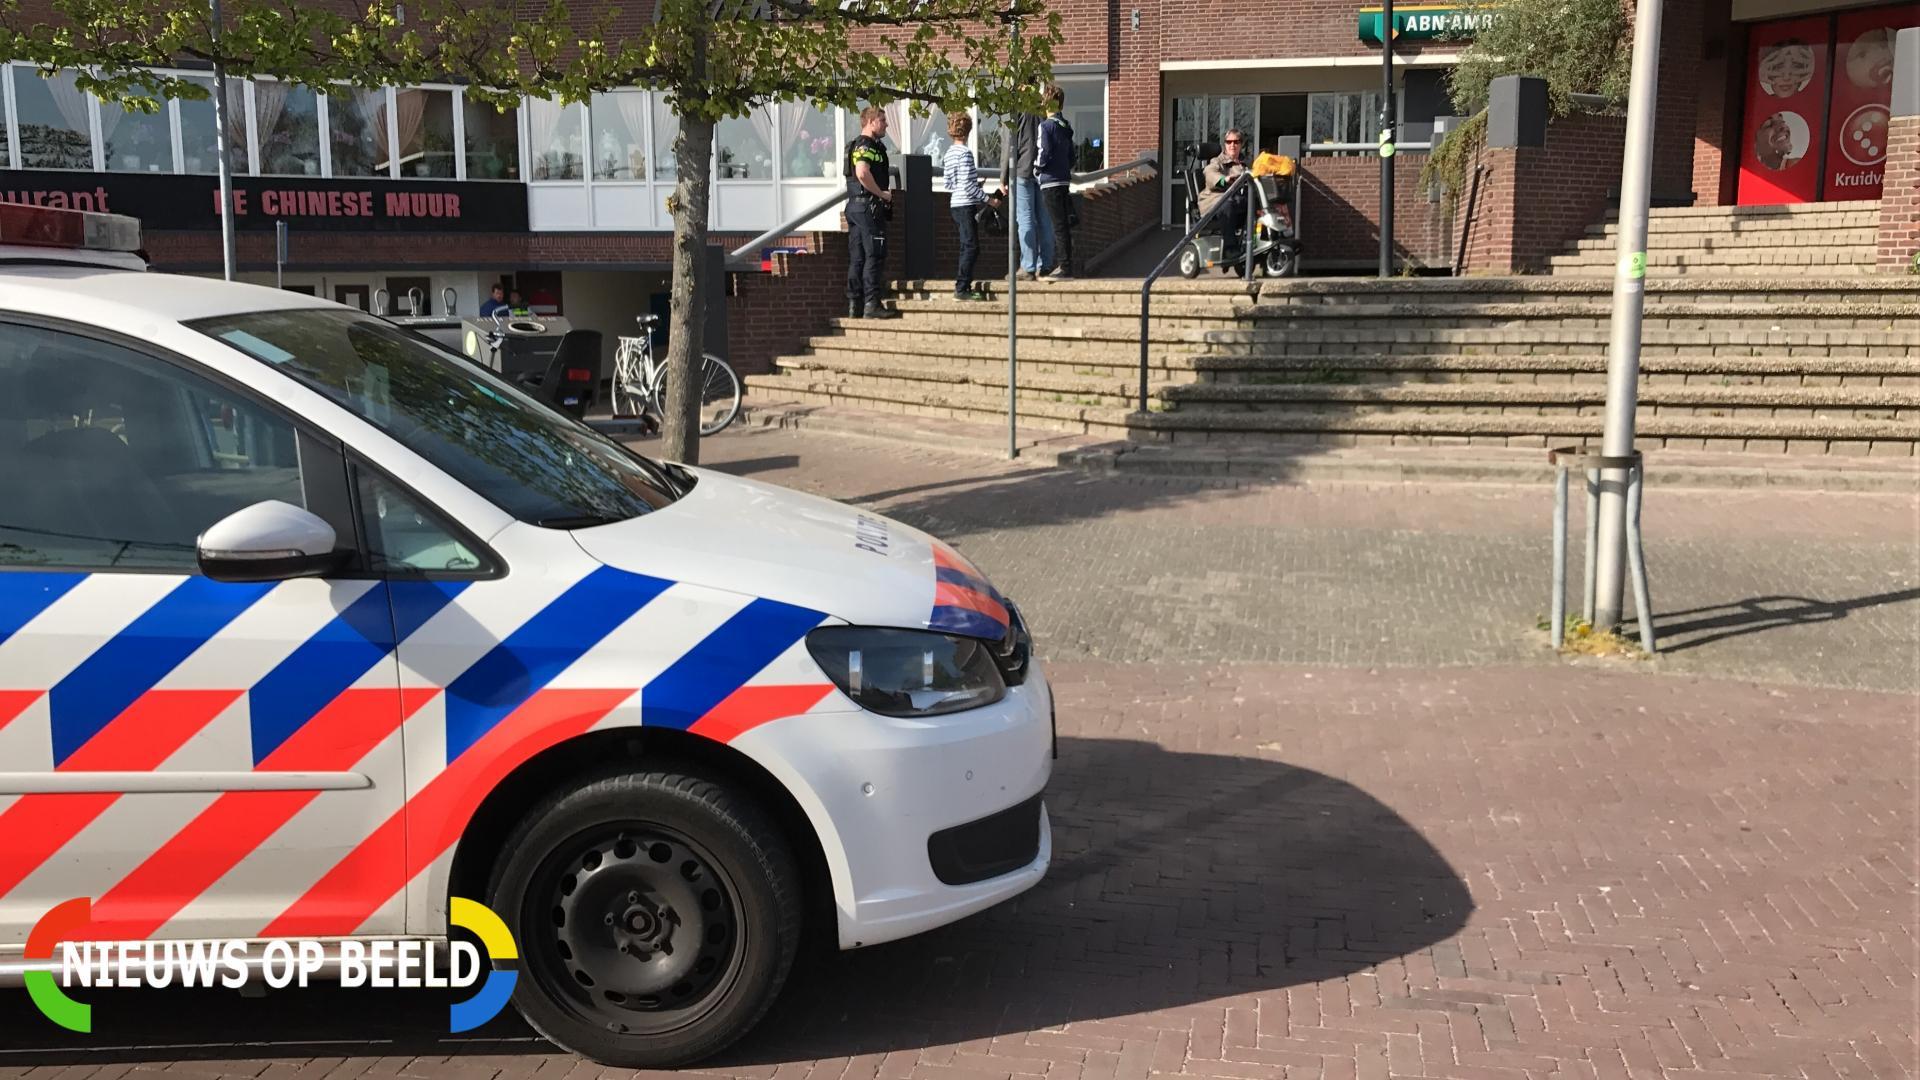 Veel politie op de been na Allahu Akbar geschreeuw Winkelhof Leiderdorp